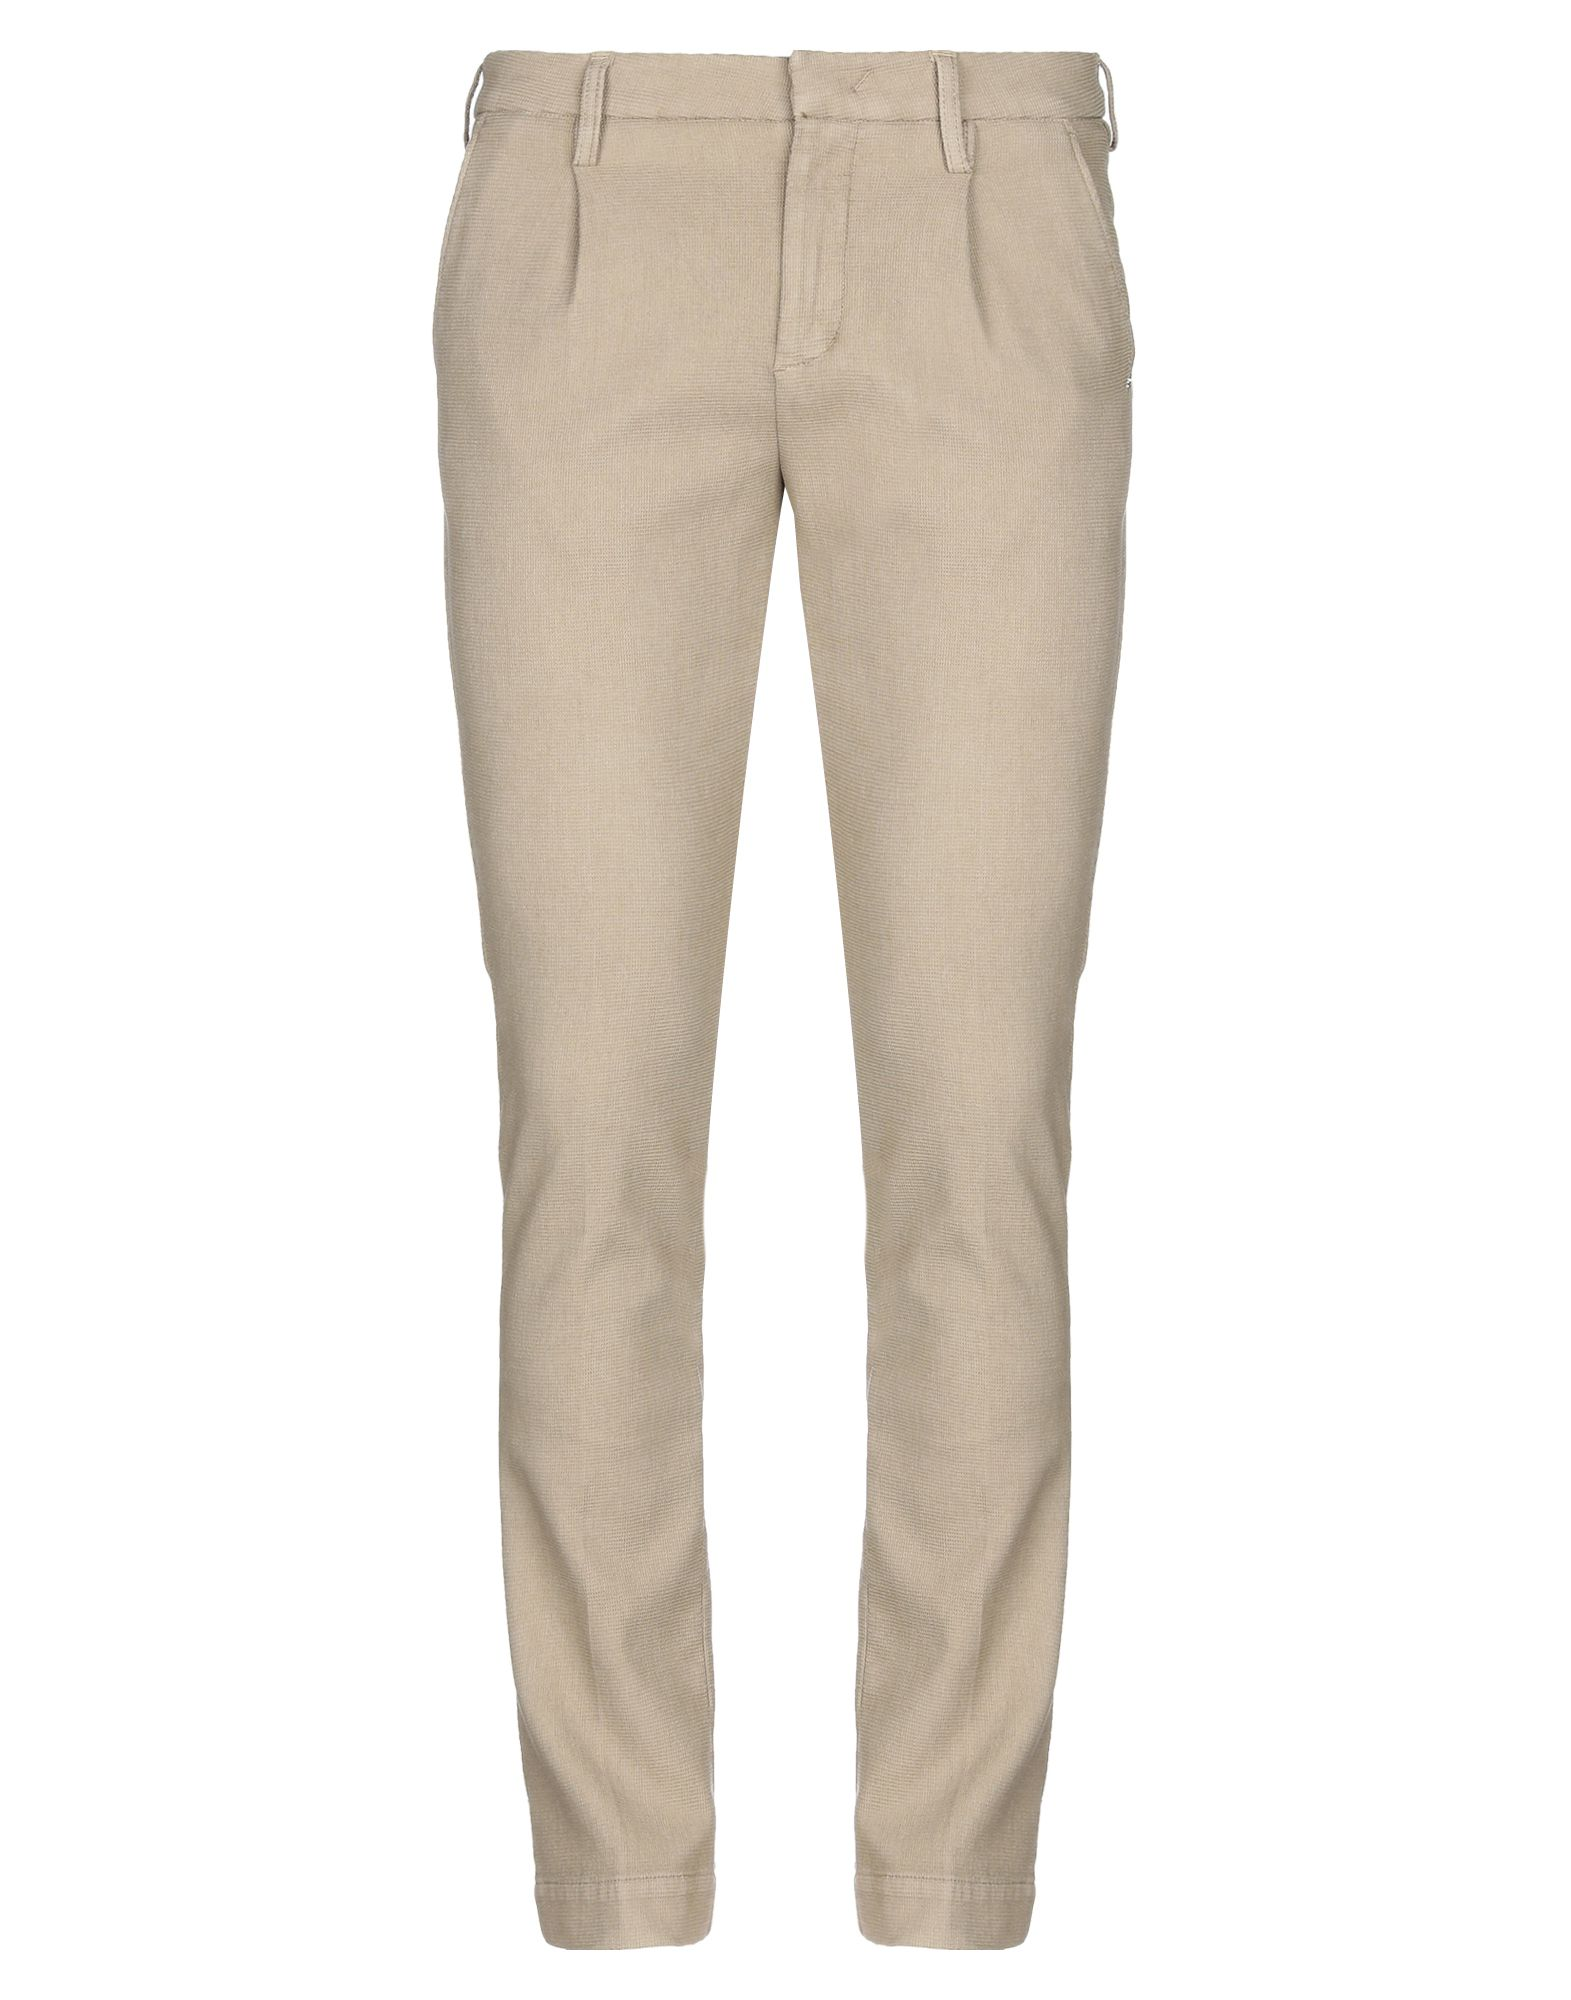 《セール開催中》ENTRE AMIS メンズ パンツ サンド 32 コットン 80% / ポリエステル 18% / ポリウレタン 2%